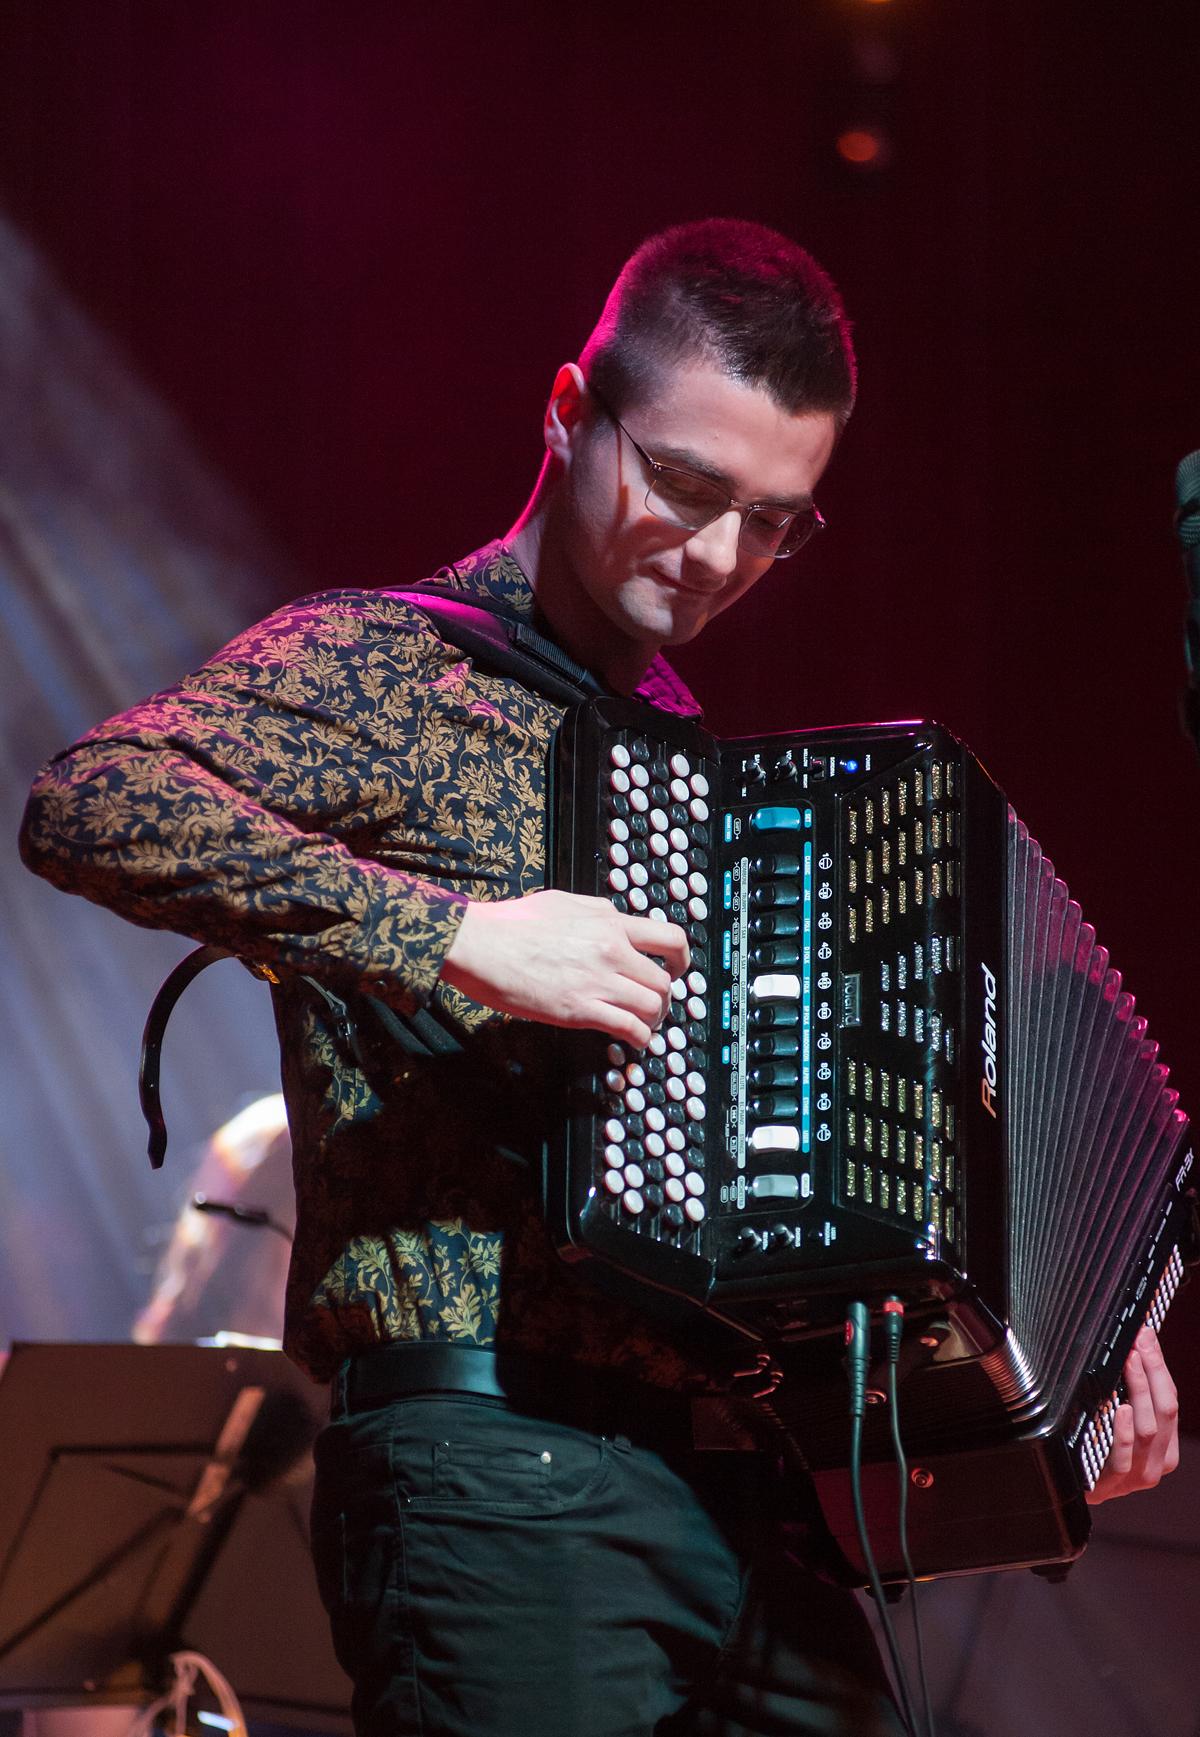 Mężczyzna gra na akordeonie